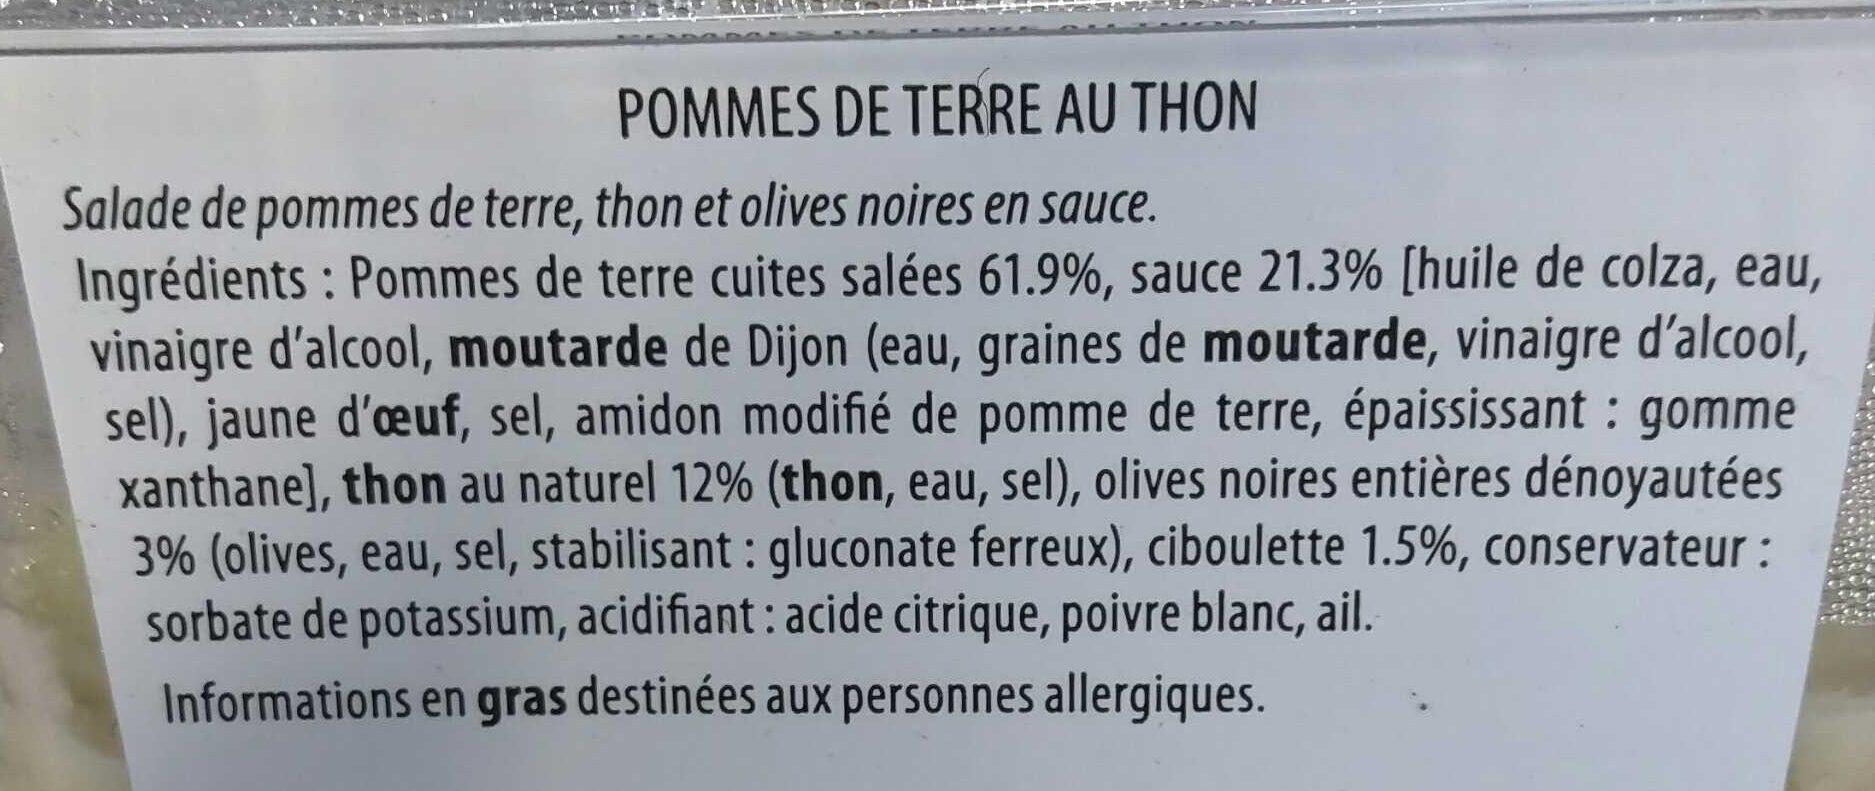 Pommes de terre au thon - Ingrédients - fr